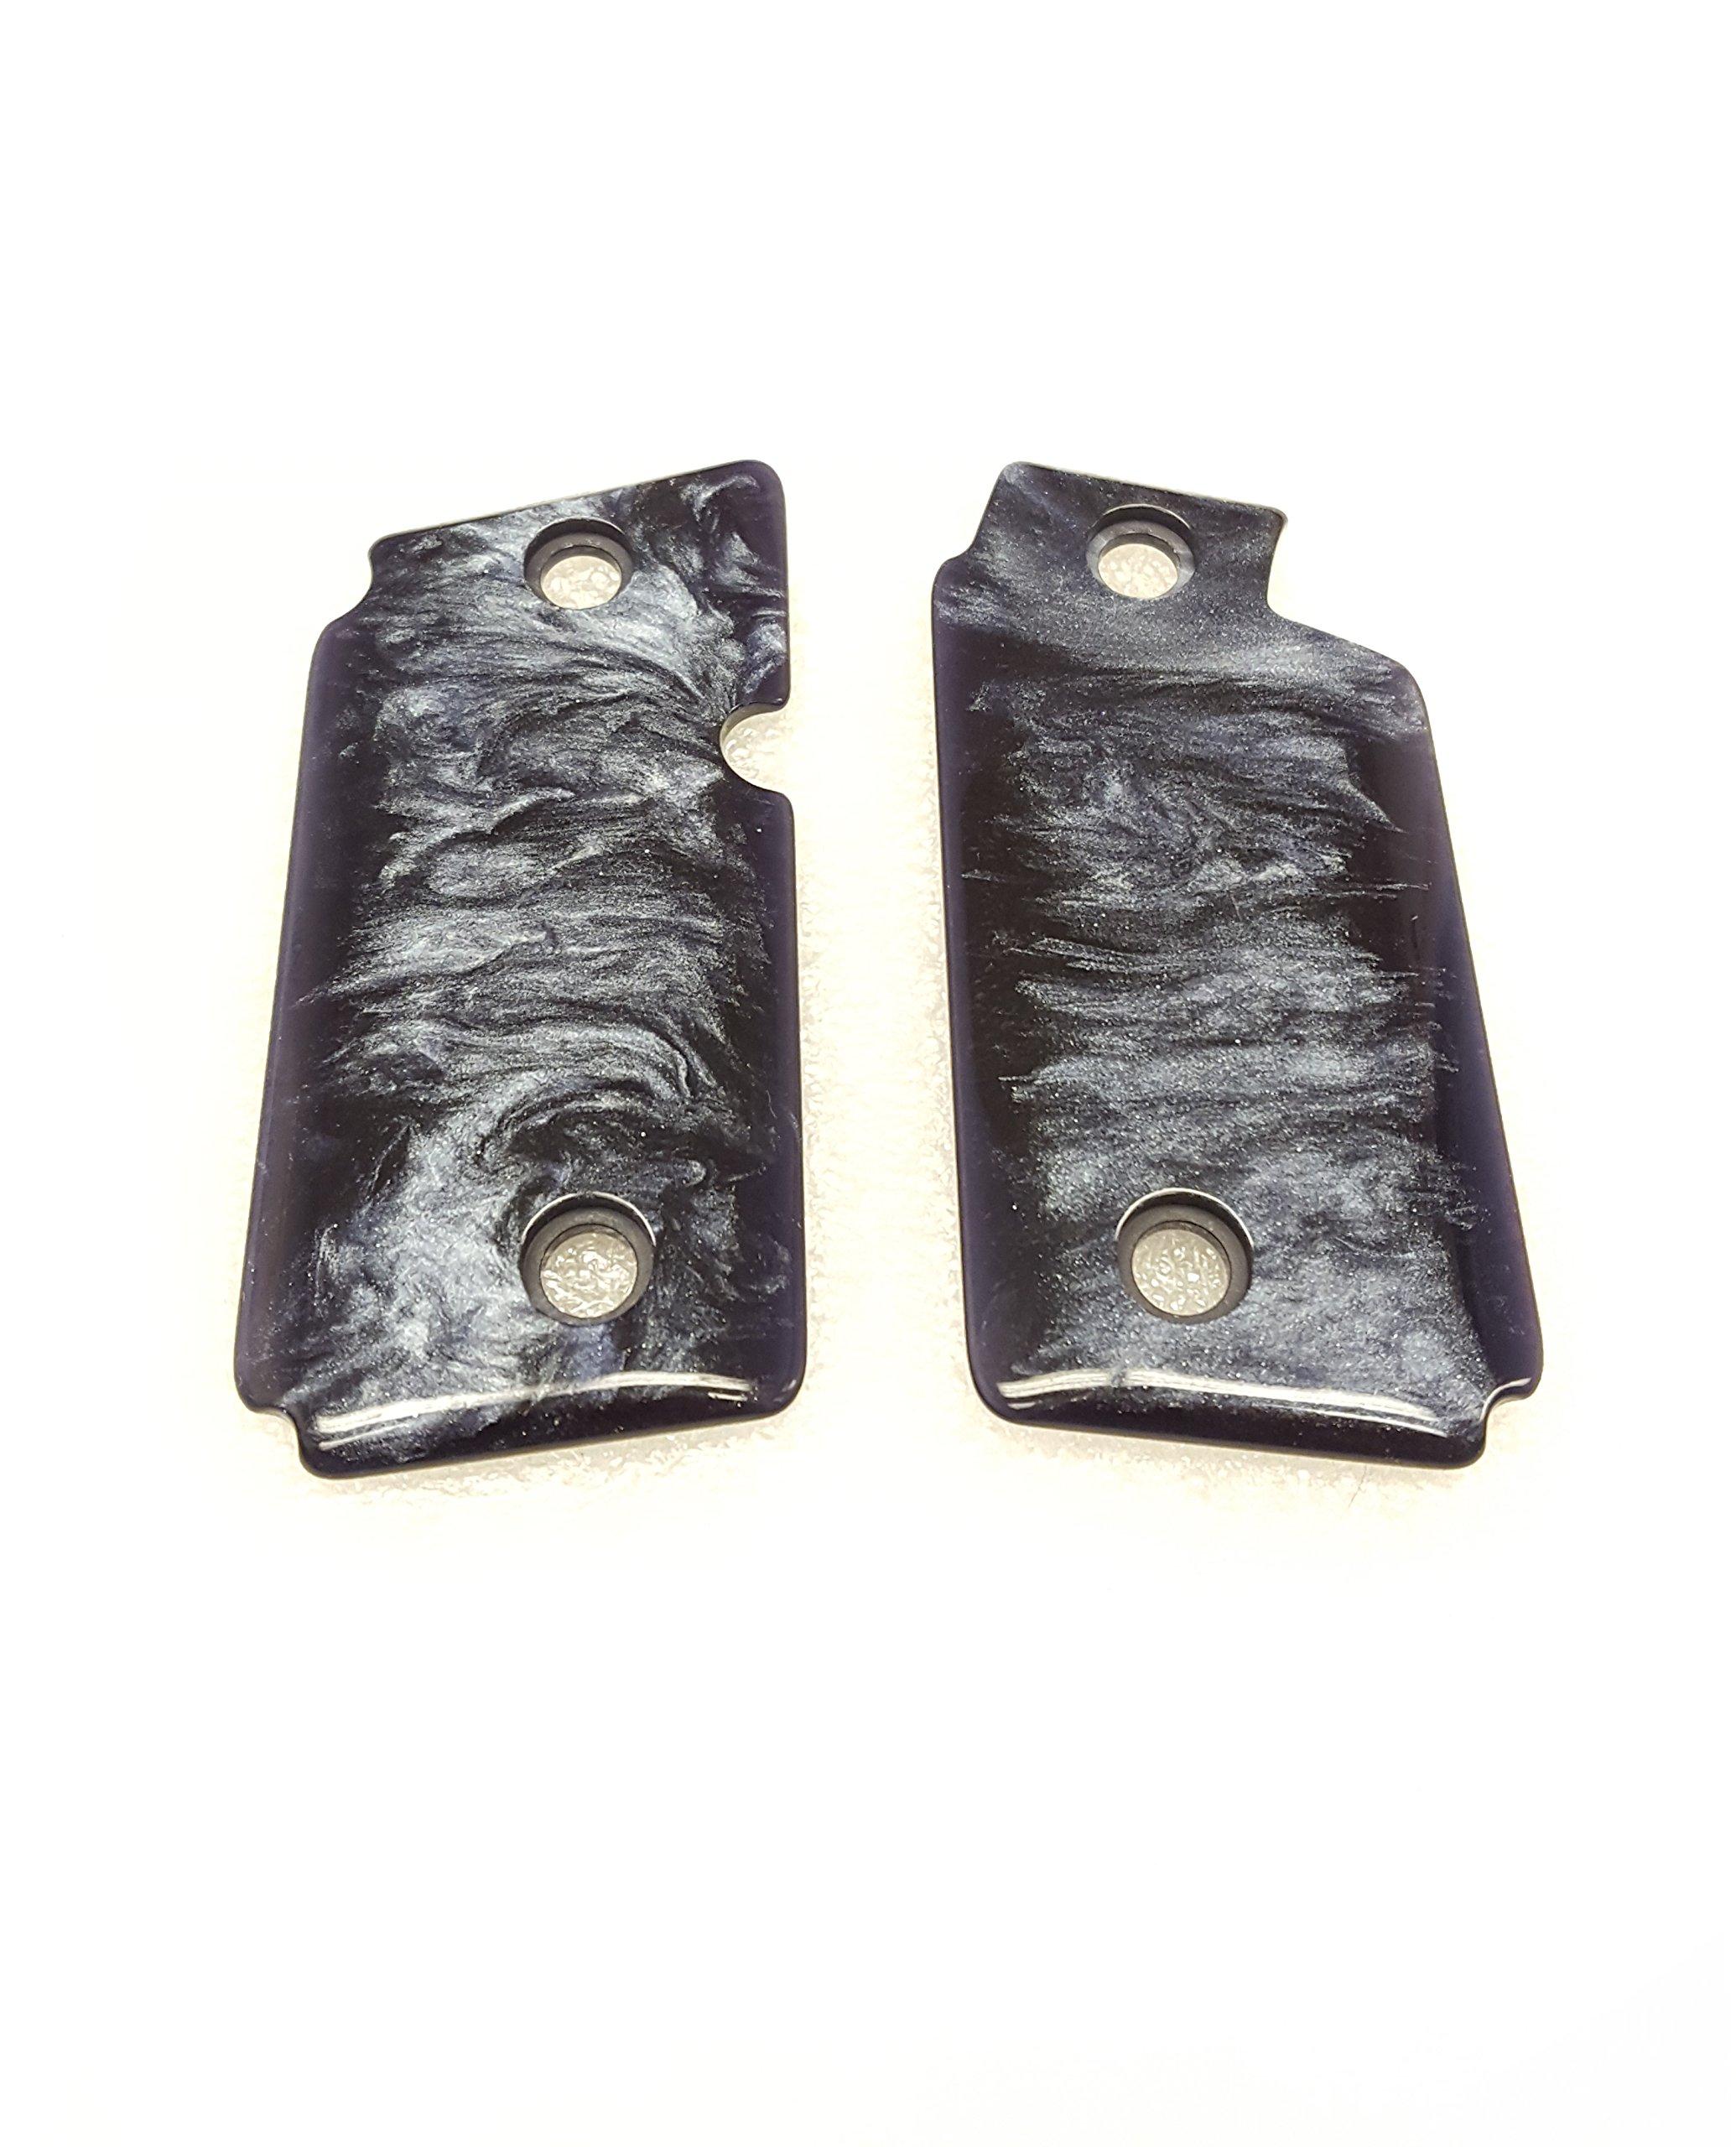 Sig Sauer SigTac P238 Pearlite Black Grips w/ Screws - GRIP-238-PEARLITE-BLK